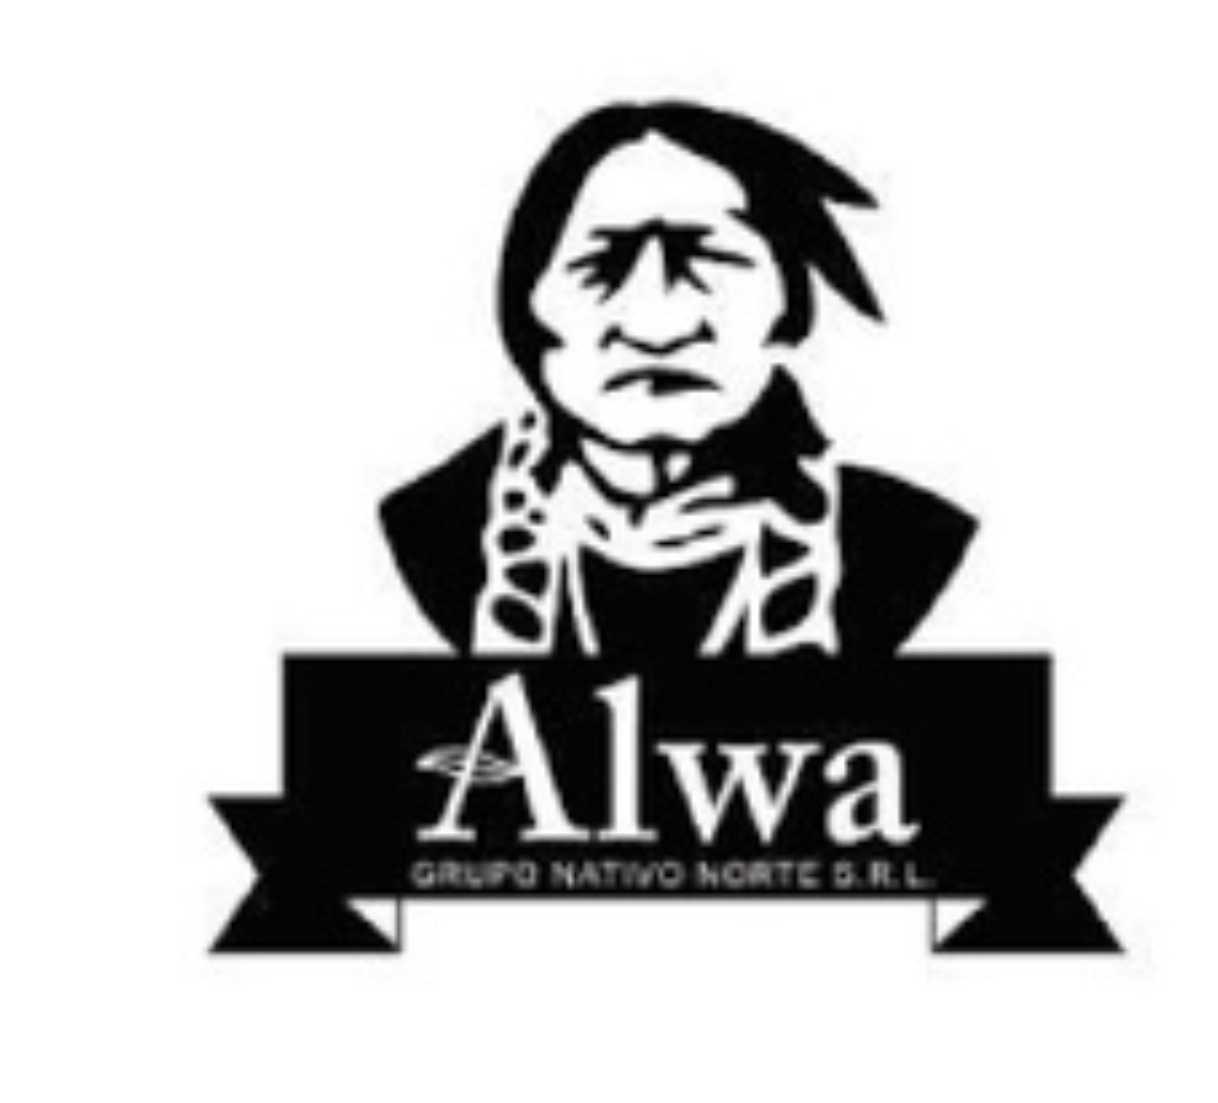 17- alwa